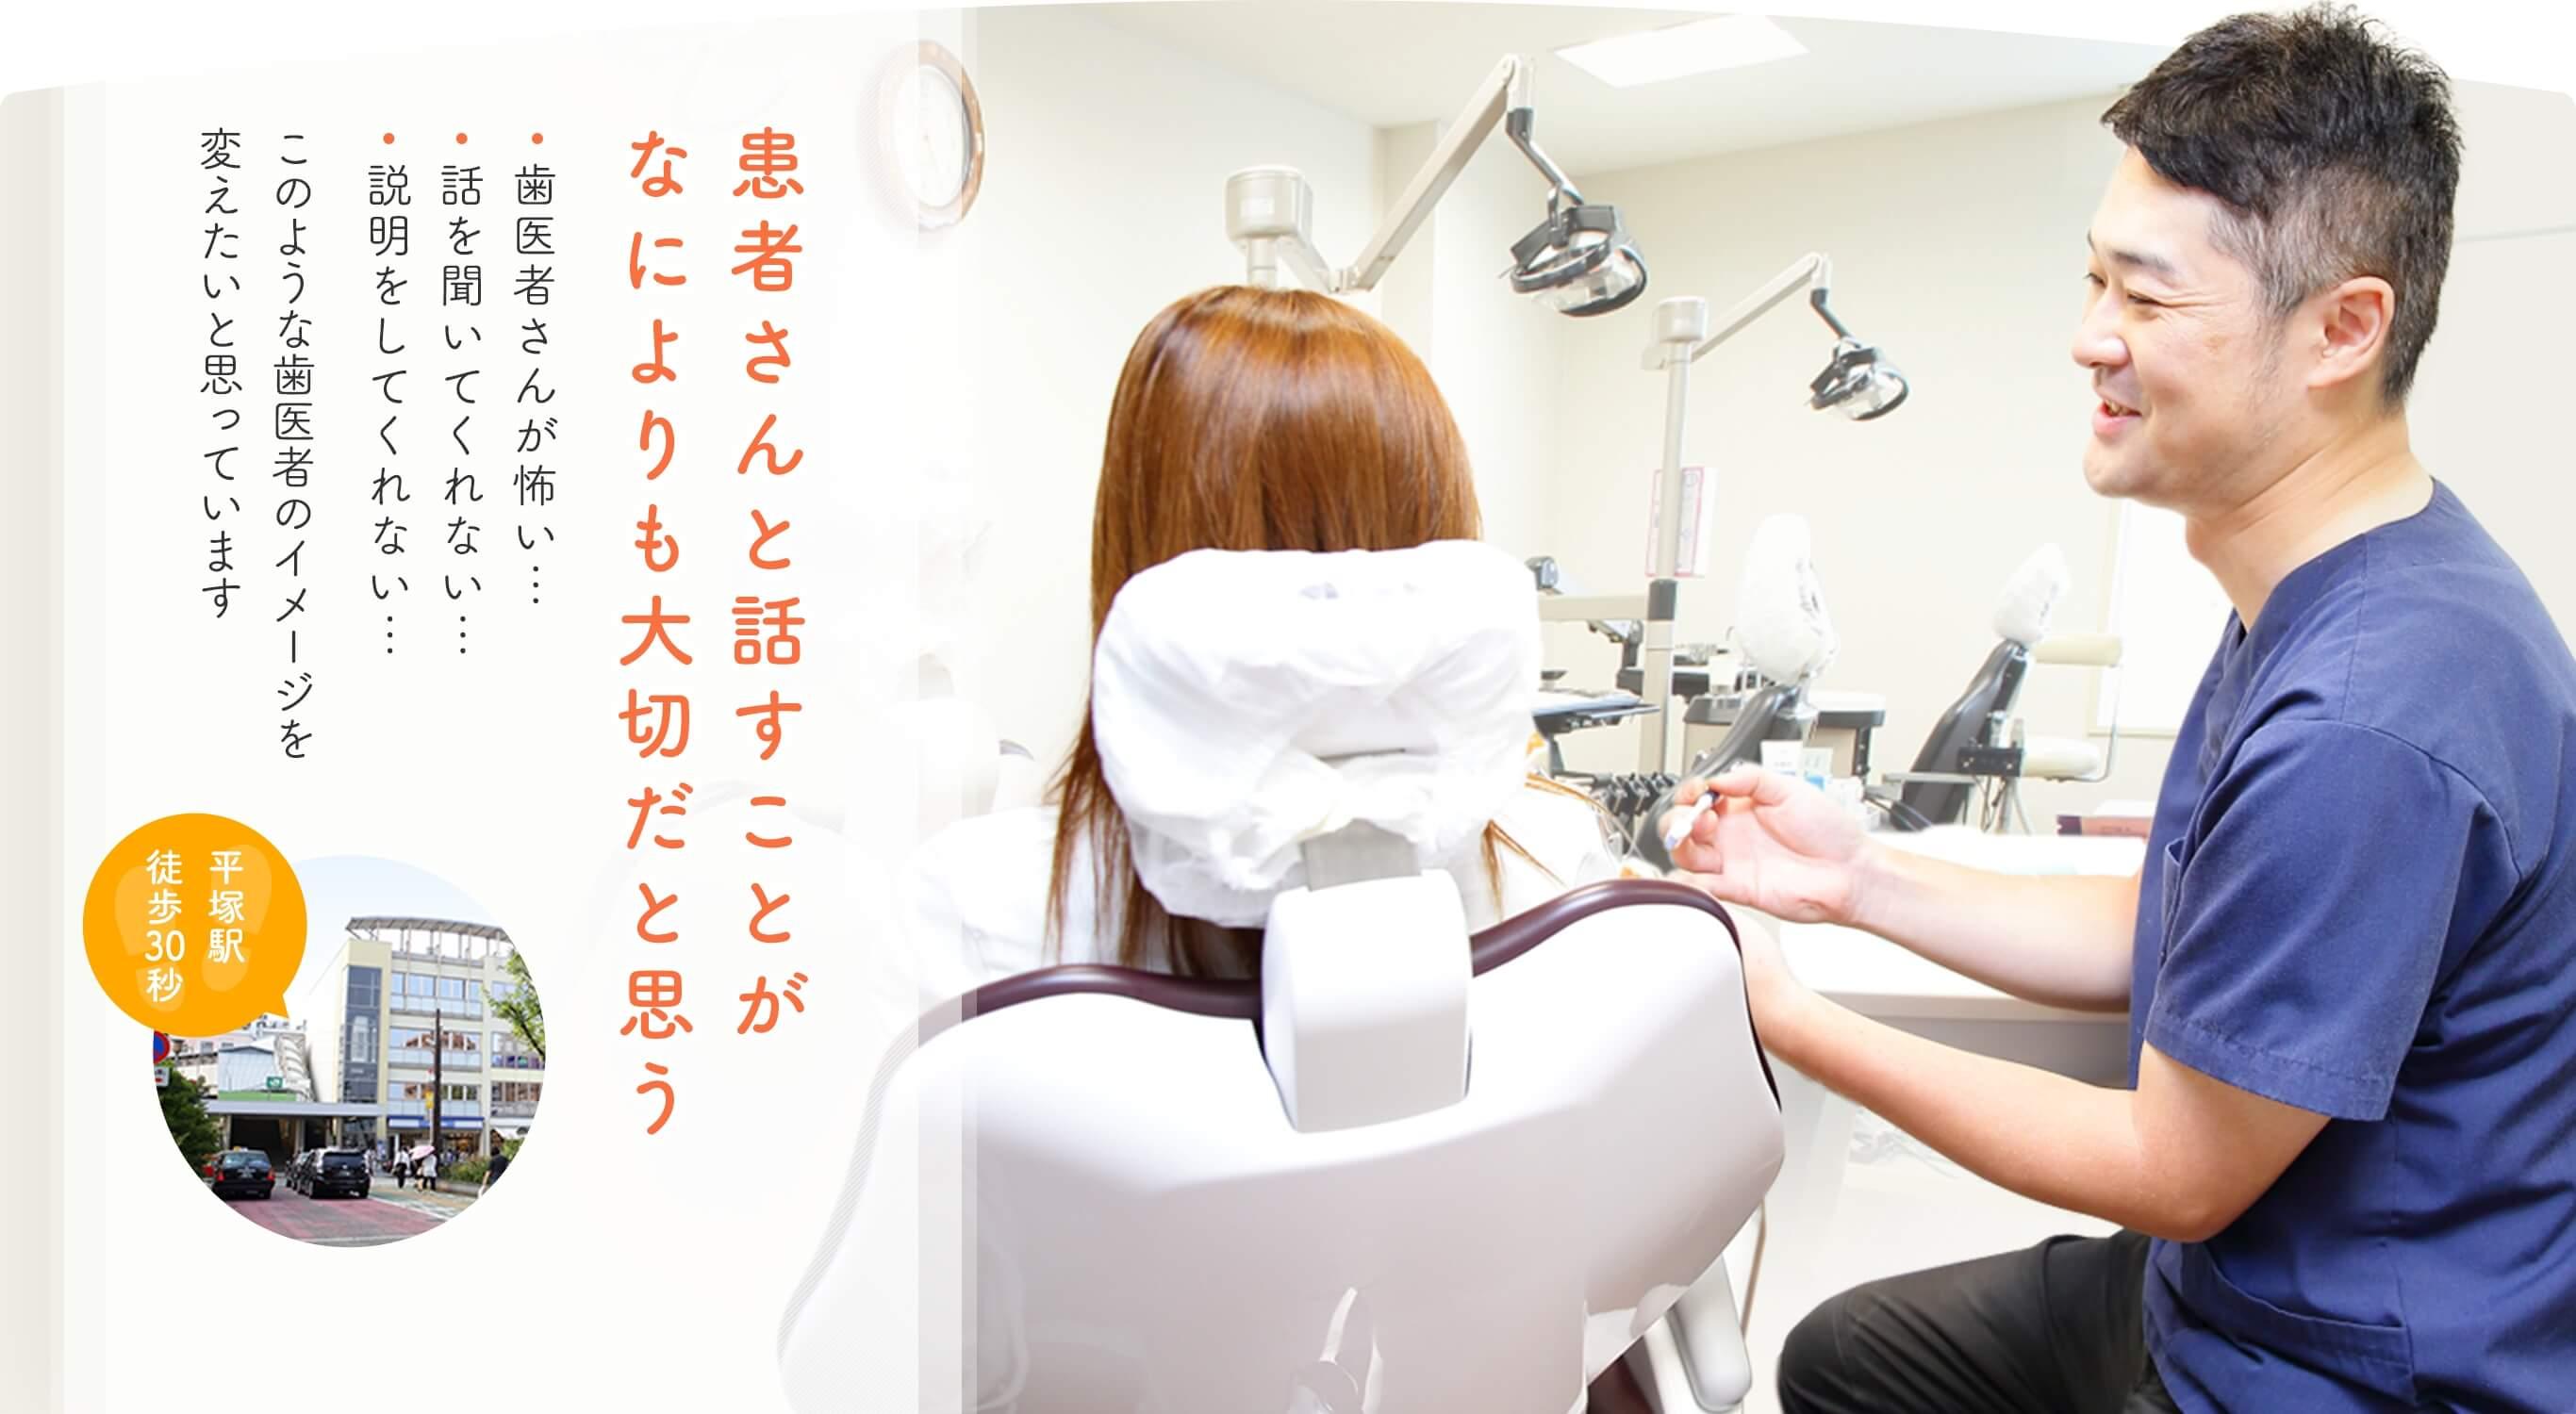 患者さんと話すことがなによりも大切だと思う ●歯医者さんが怖い… ●話を聞いてくれない… ●説明をしてくれない… このような歯医者のイメージを変えたいと思っています